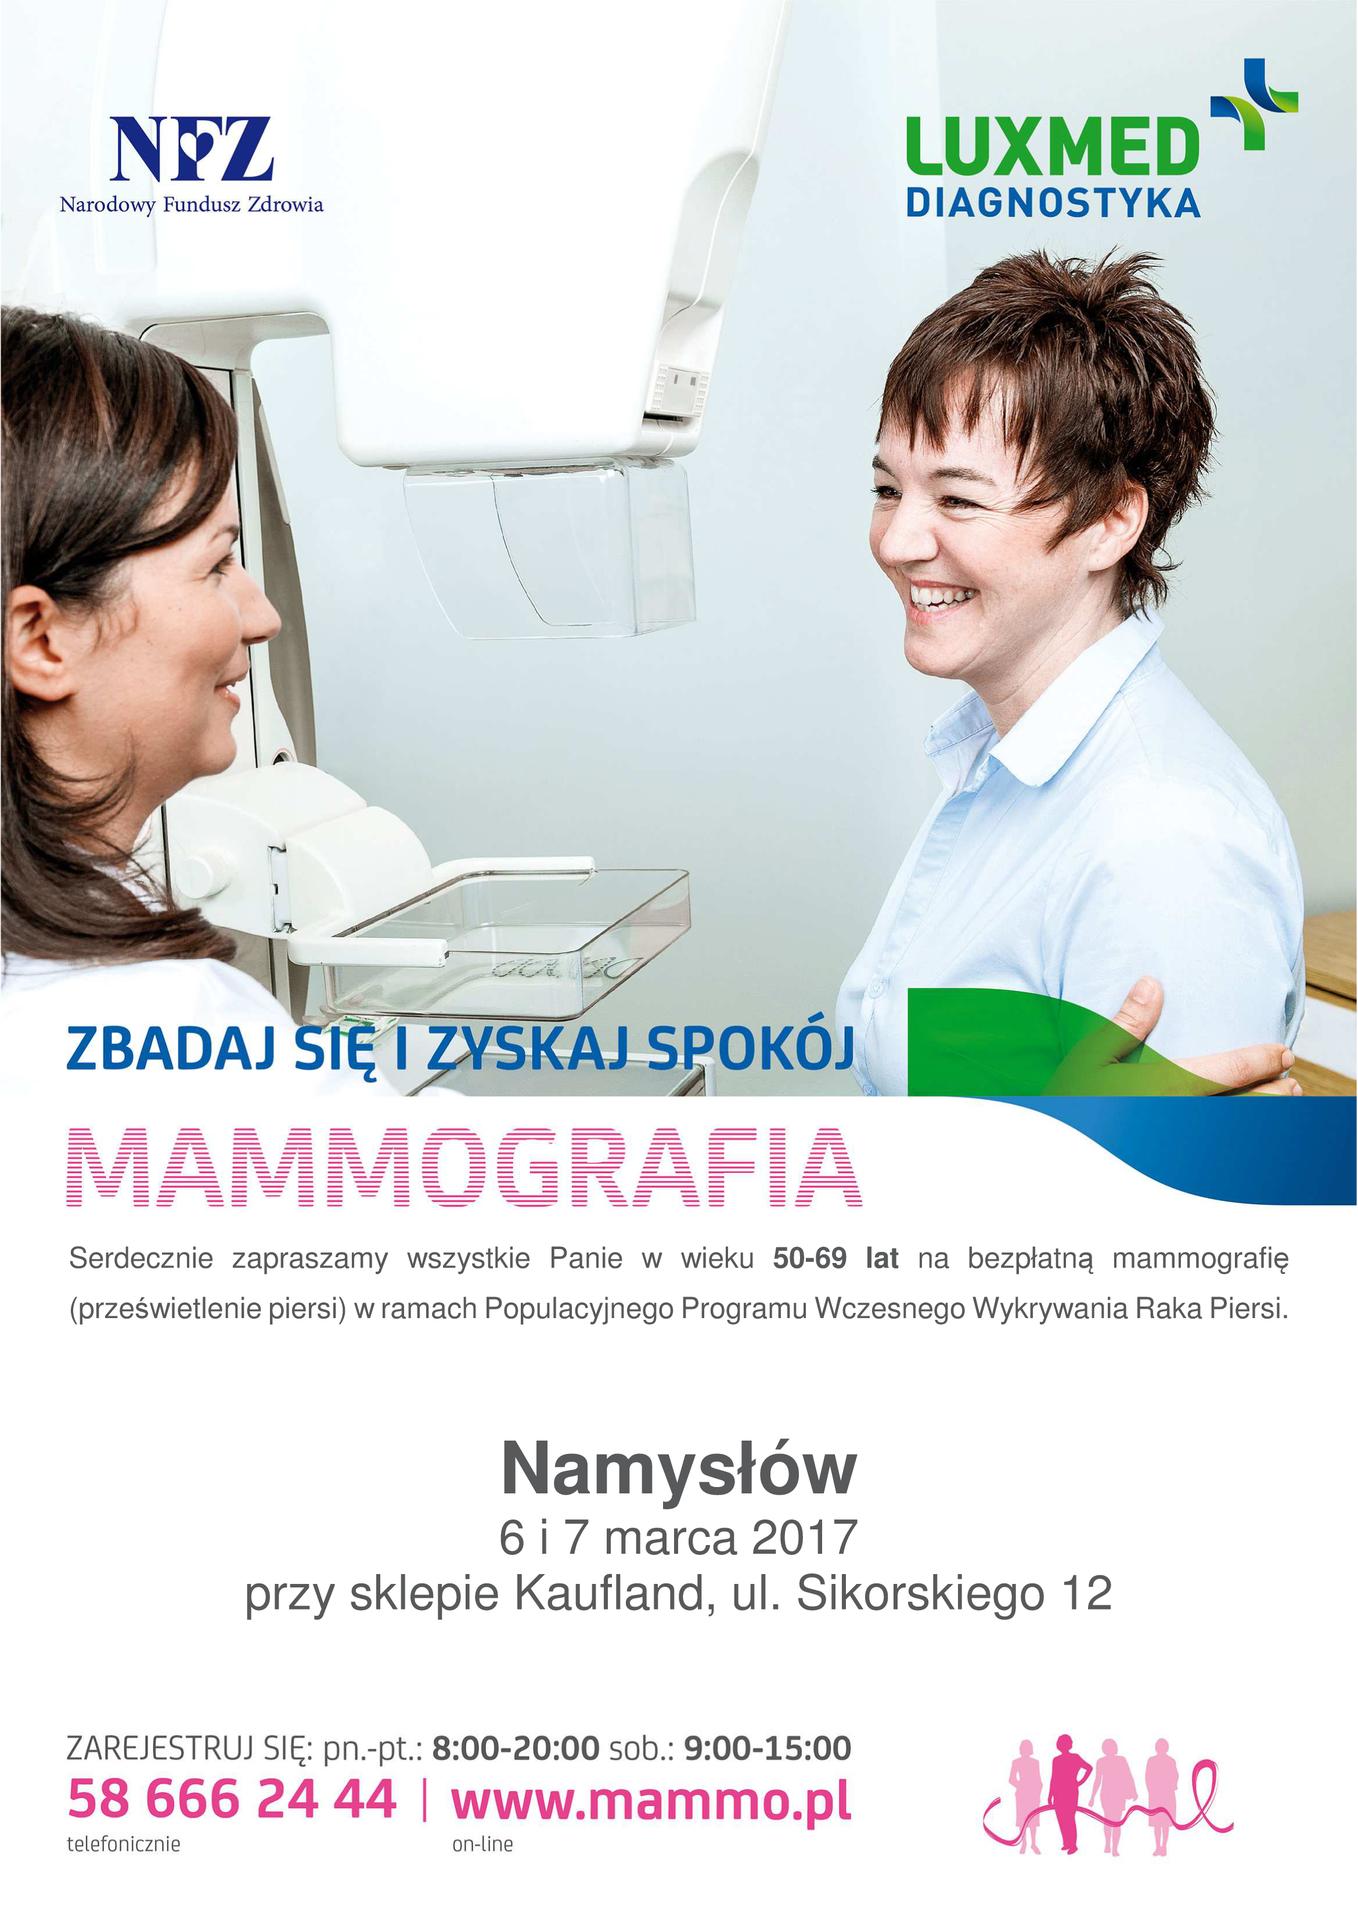 8.26o__mammografia_plakat_A3_wersja_elektroniczna_populacyjny-1.jpeg